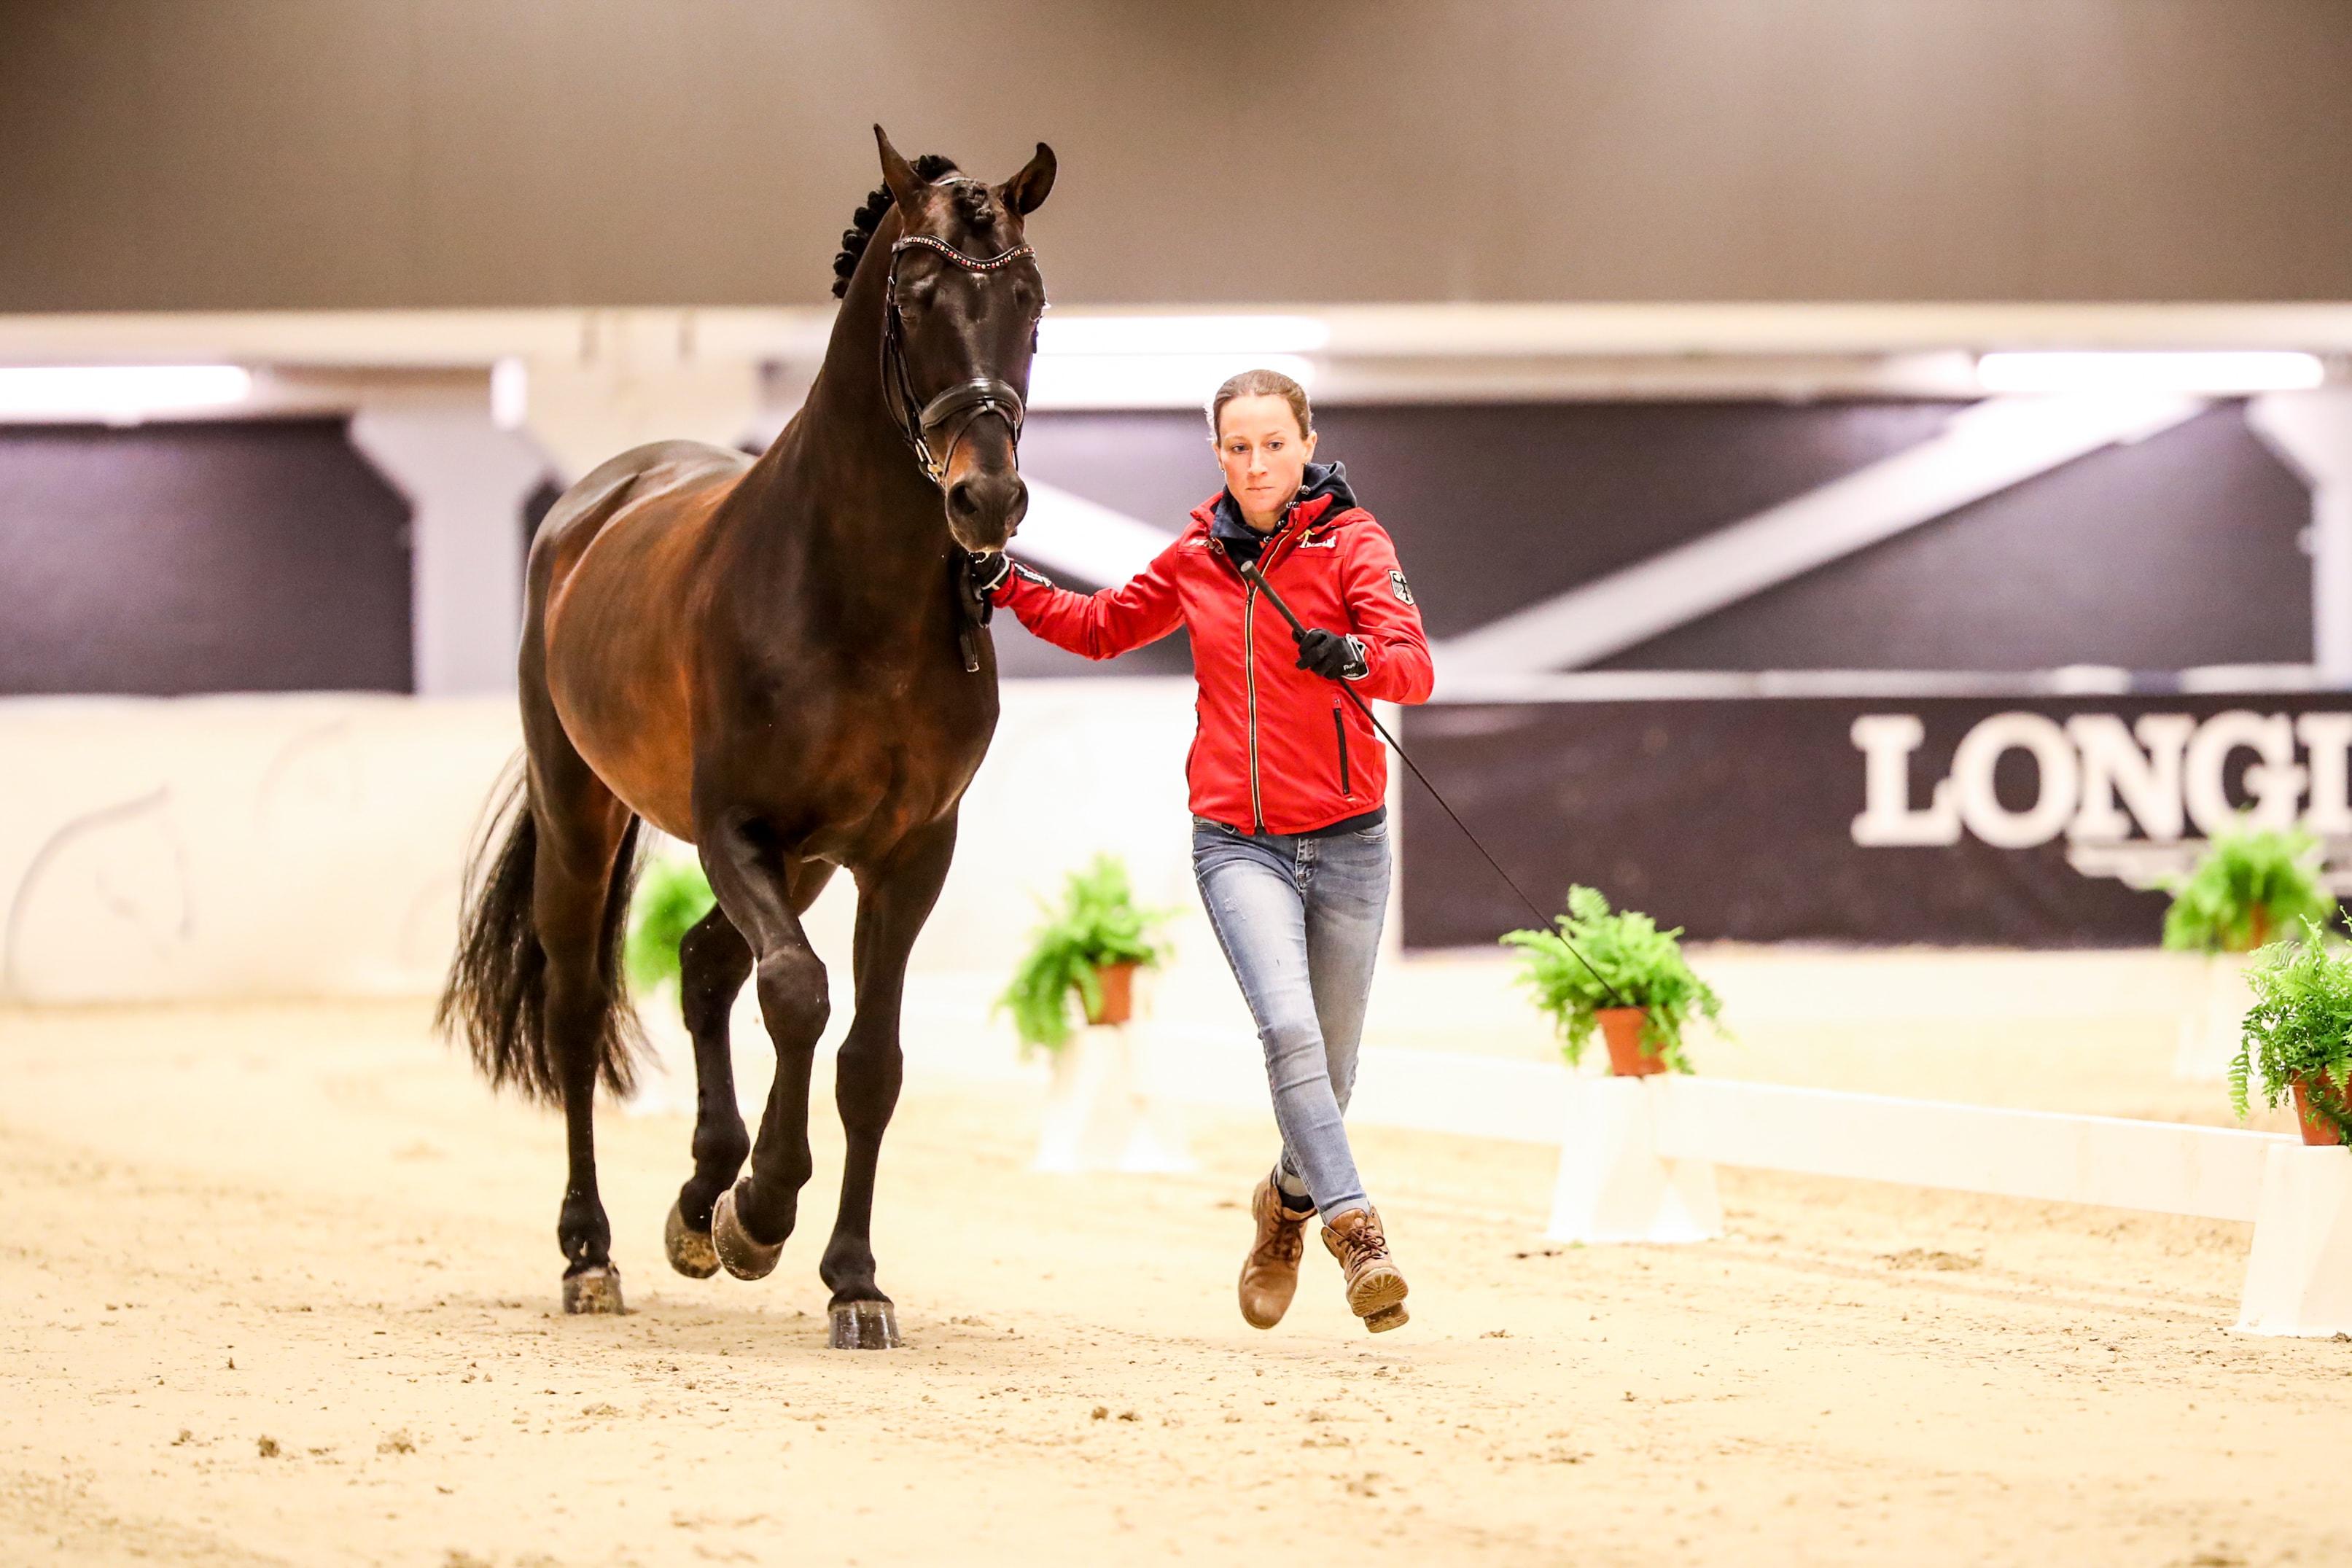 Sportabschied in der Wüste - 10 Dinge über Helen Langehanenbergs Damsey - - St.GEORG